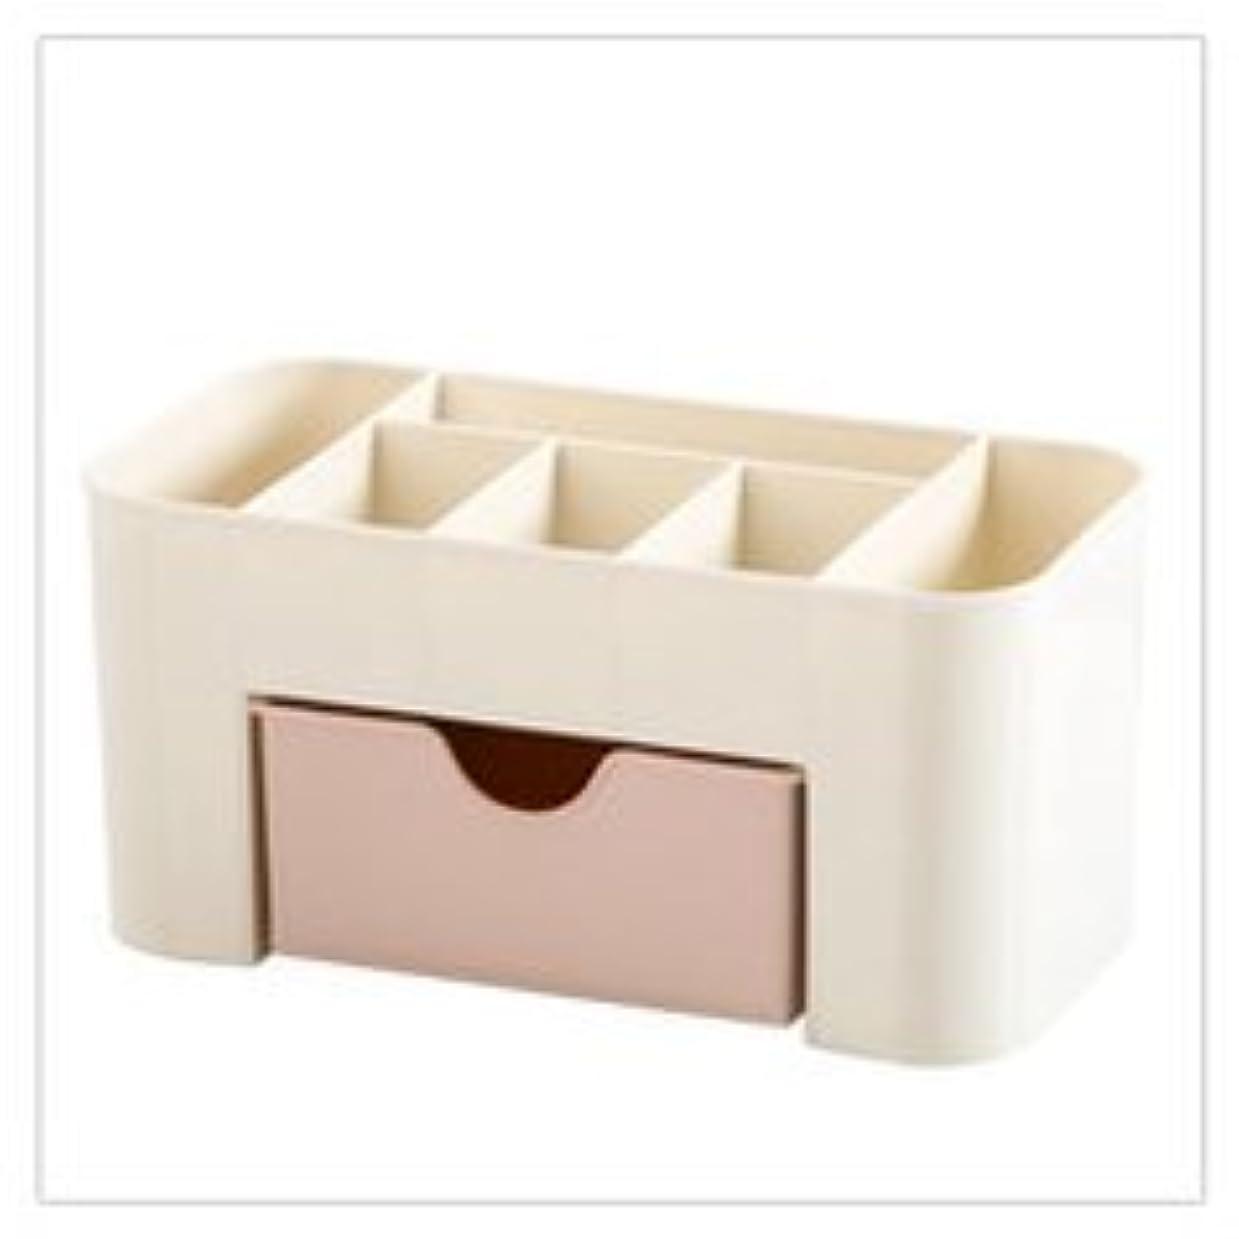 愛国的なブレイズ過言化粧品収納ボックス化粧品引き出し仕上げボックスデスクトップジュエリースキンケアパックフレームドレッサー (Color : ピンク)